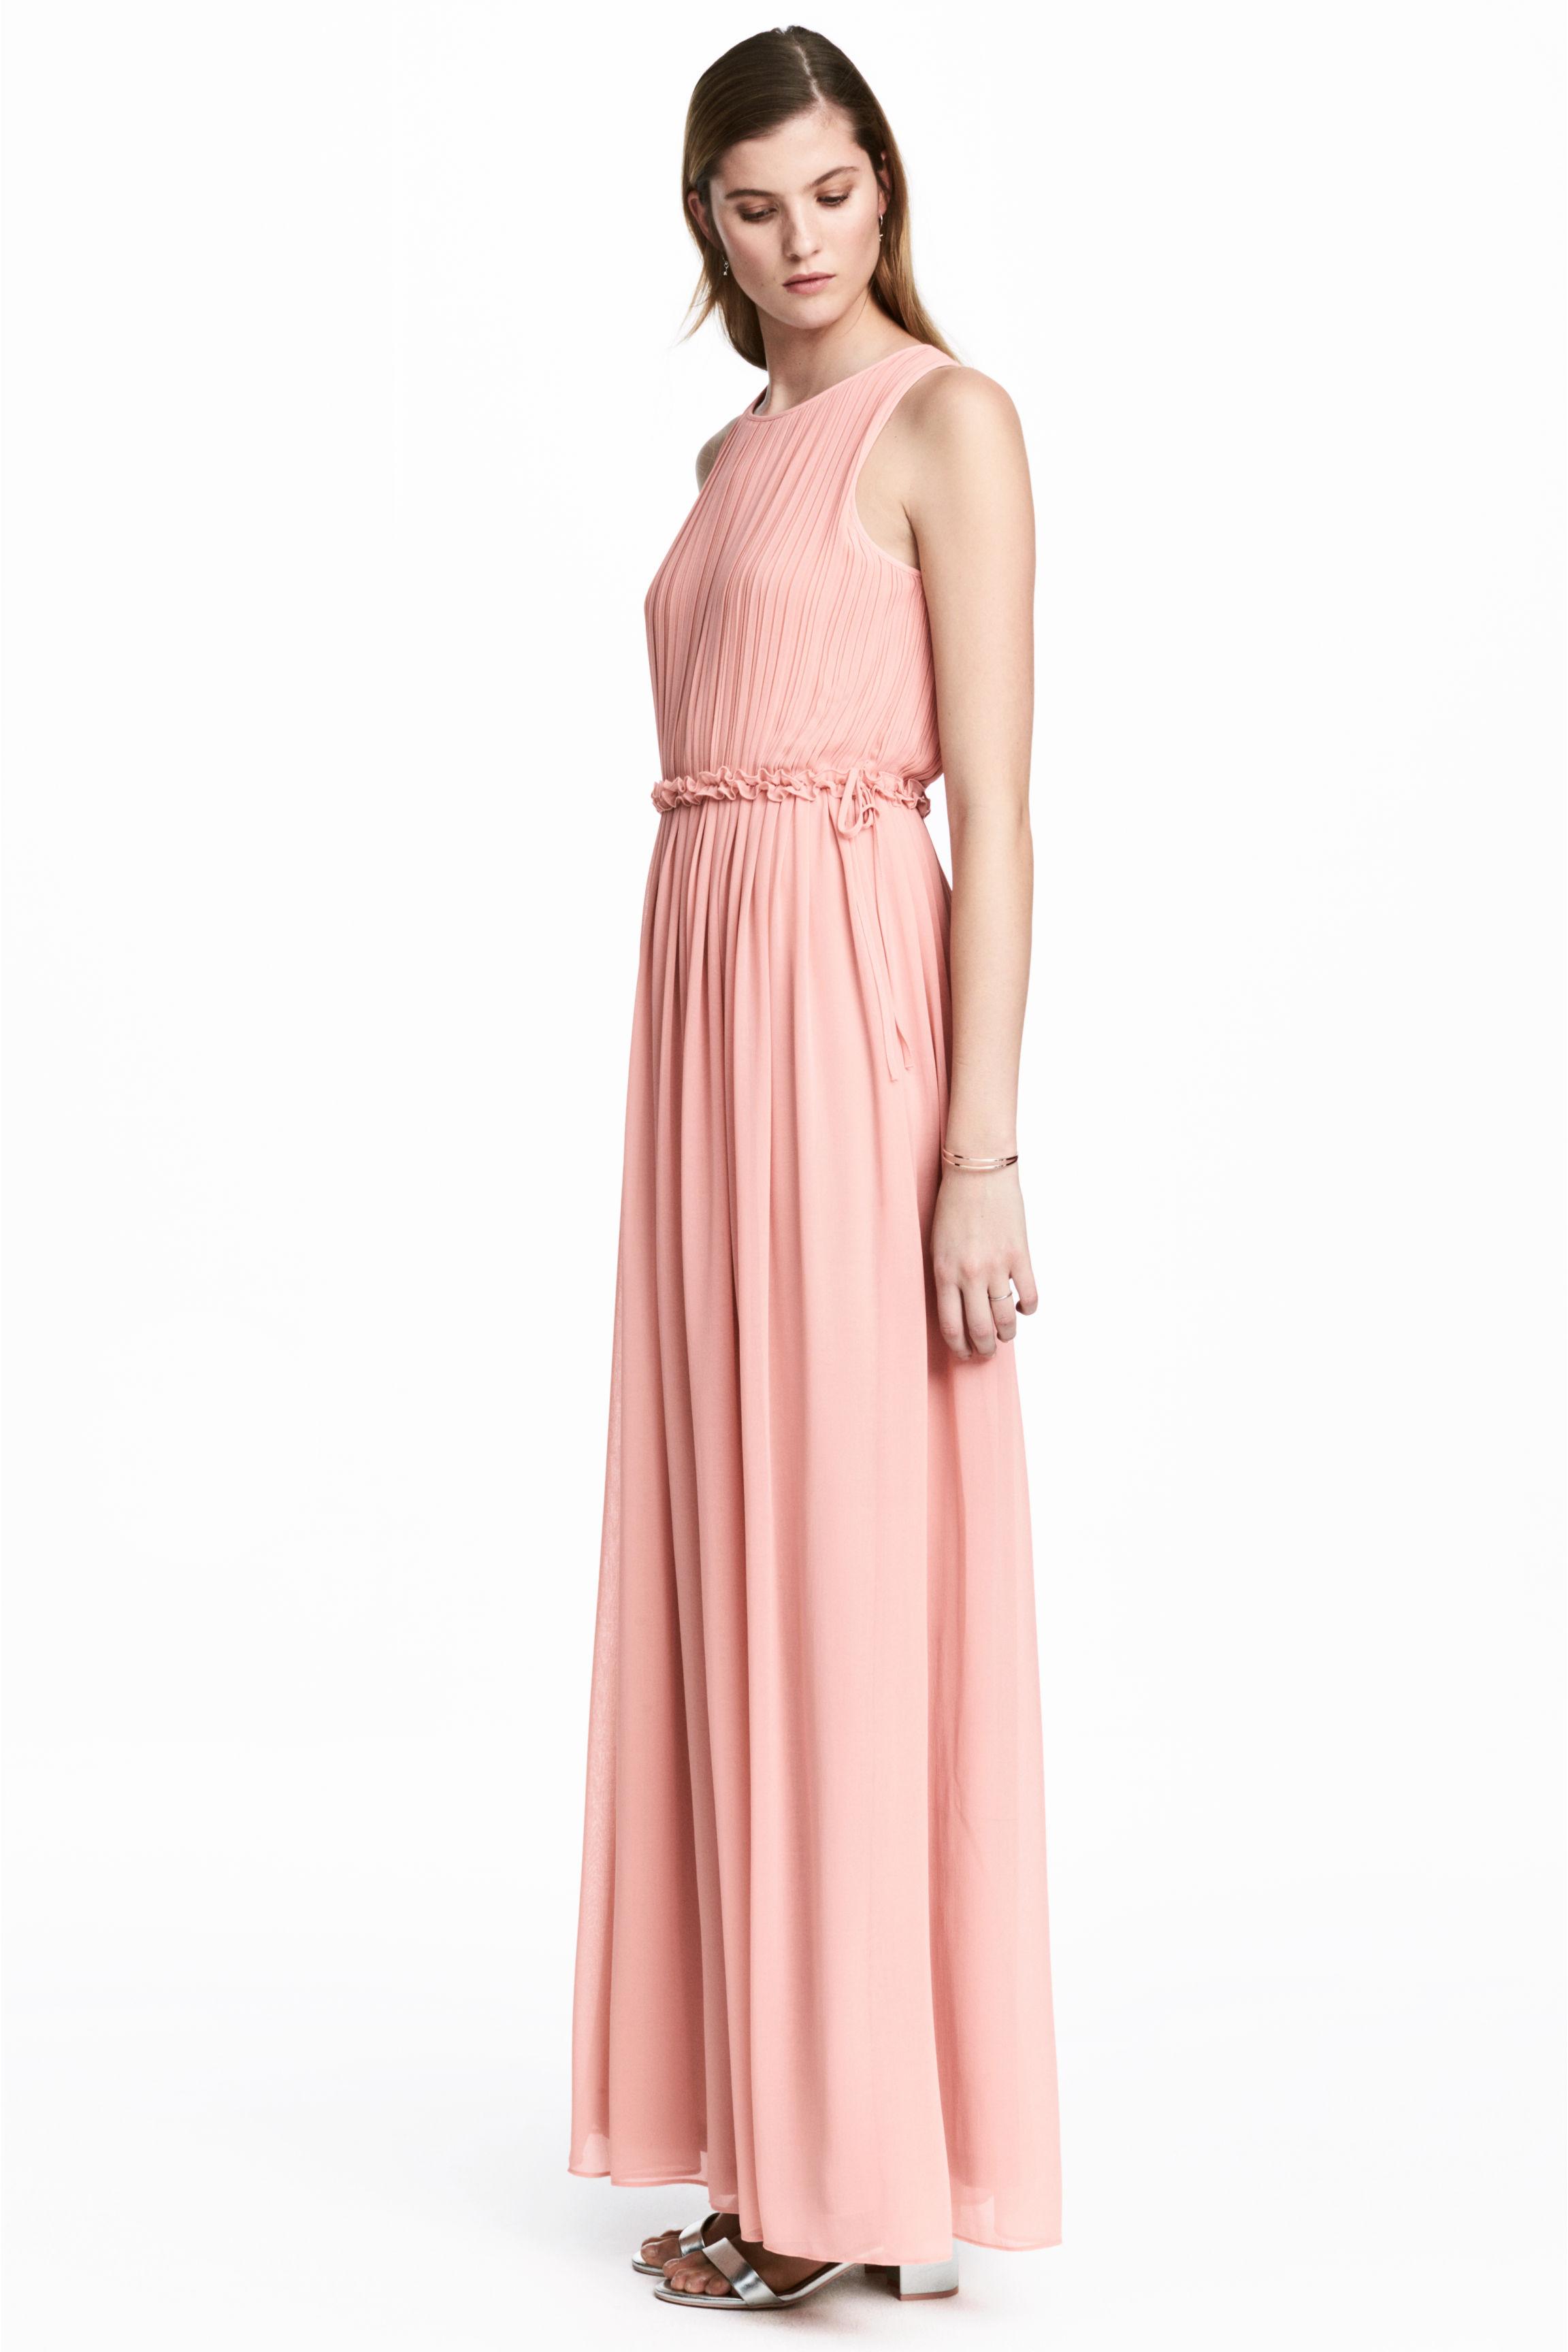 Asombroso H & M Vestidos De Fiesta Embellecimiento - Colección de ...